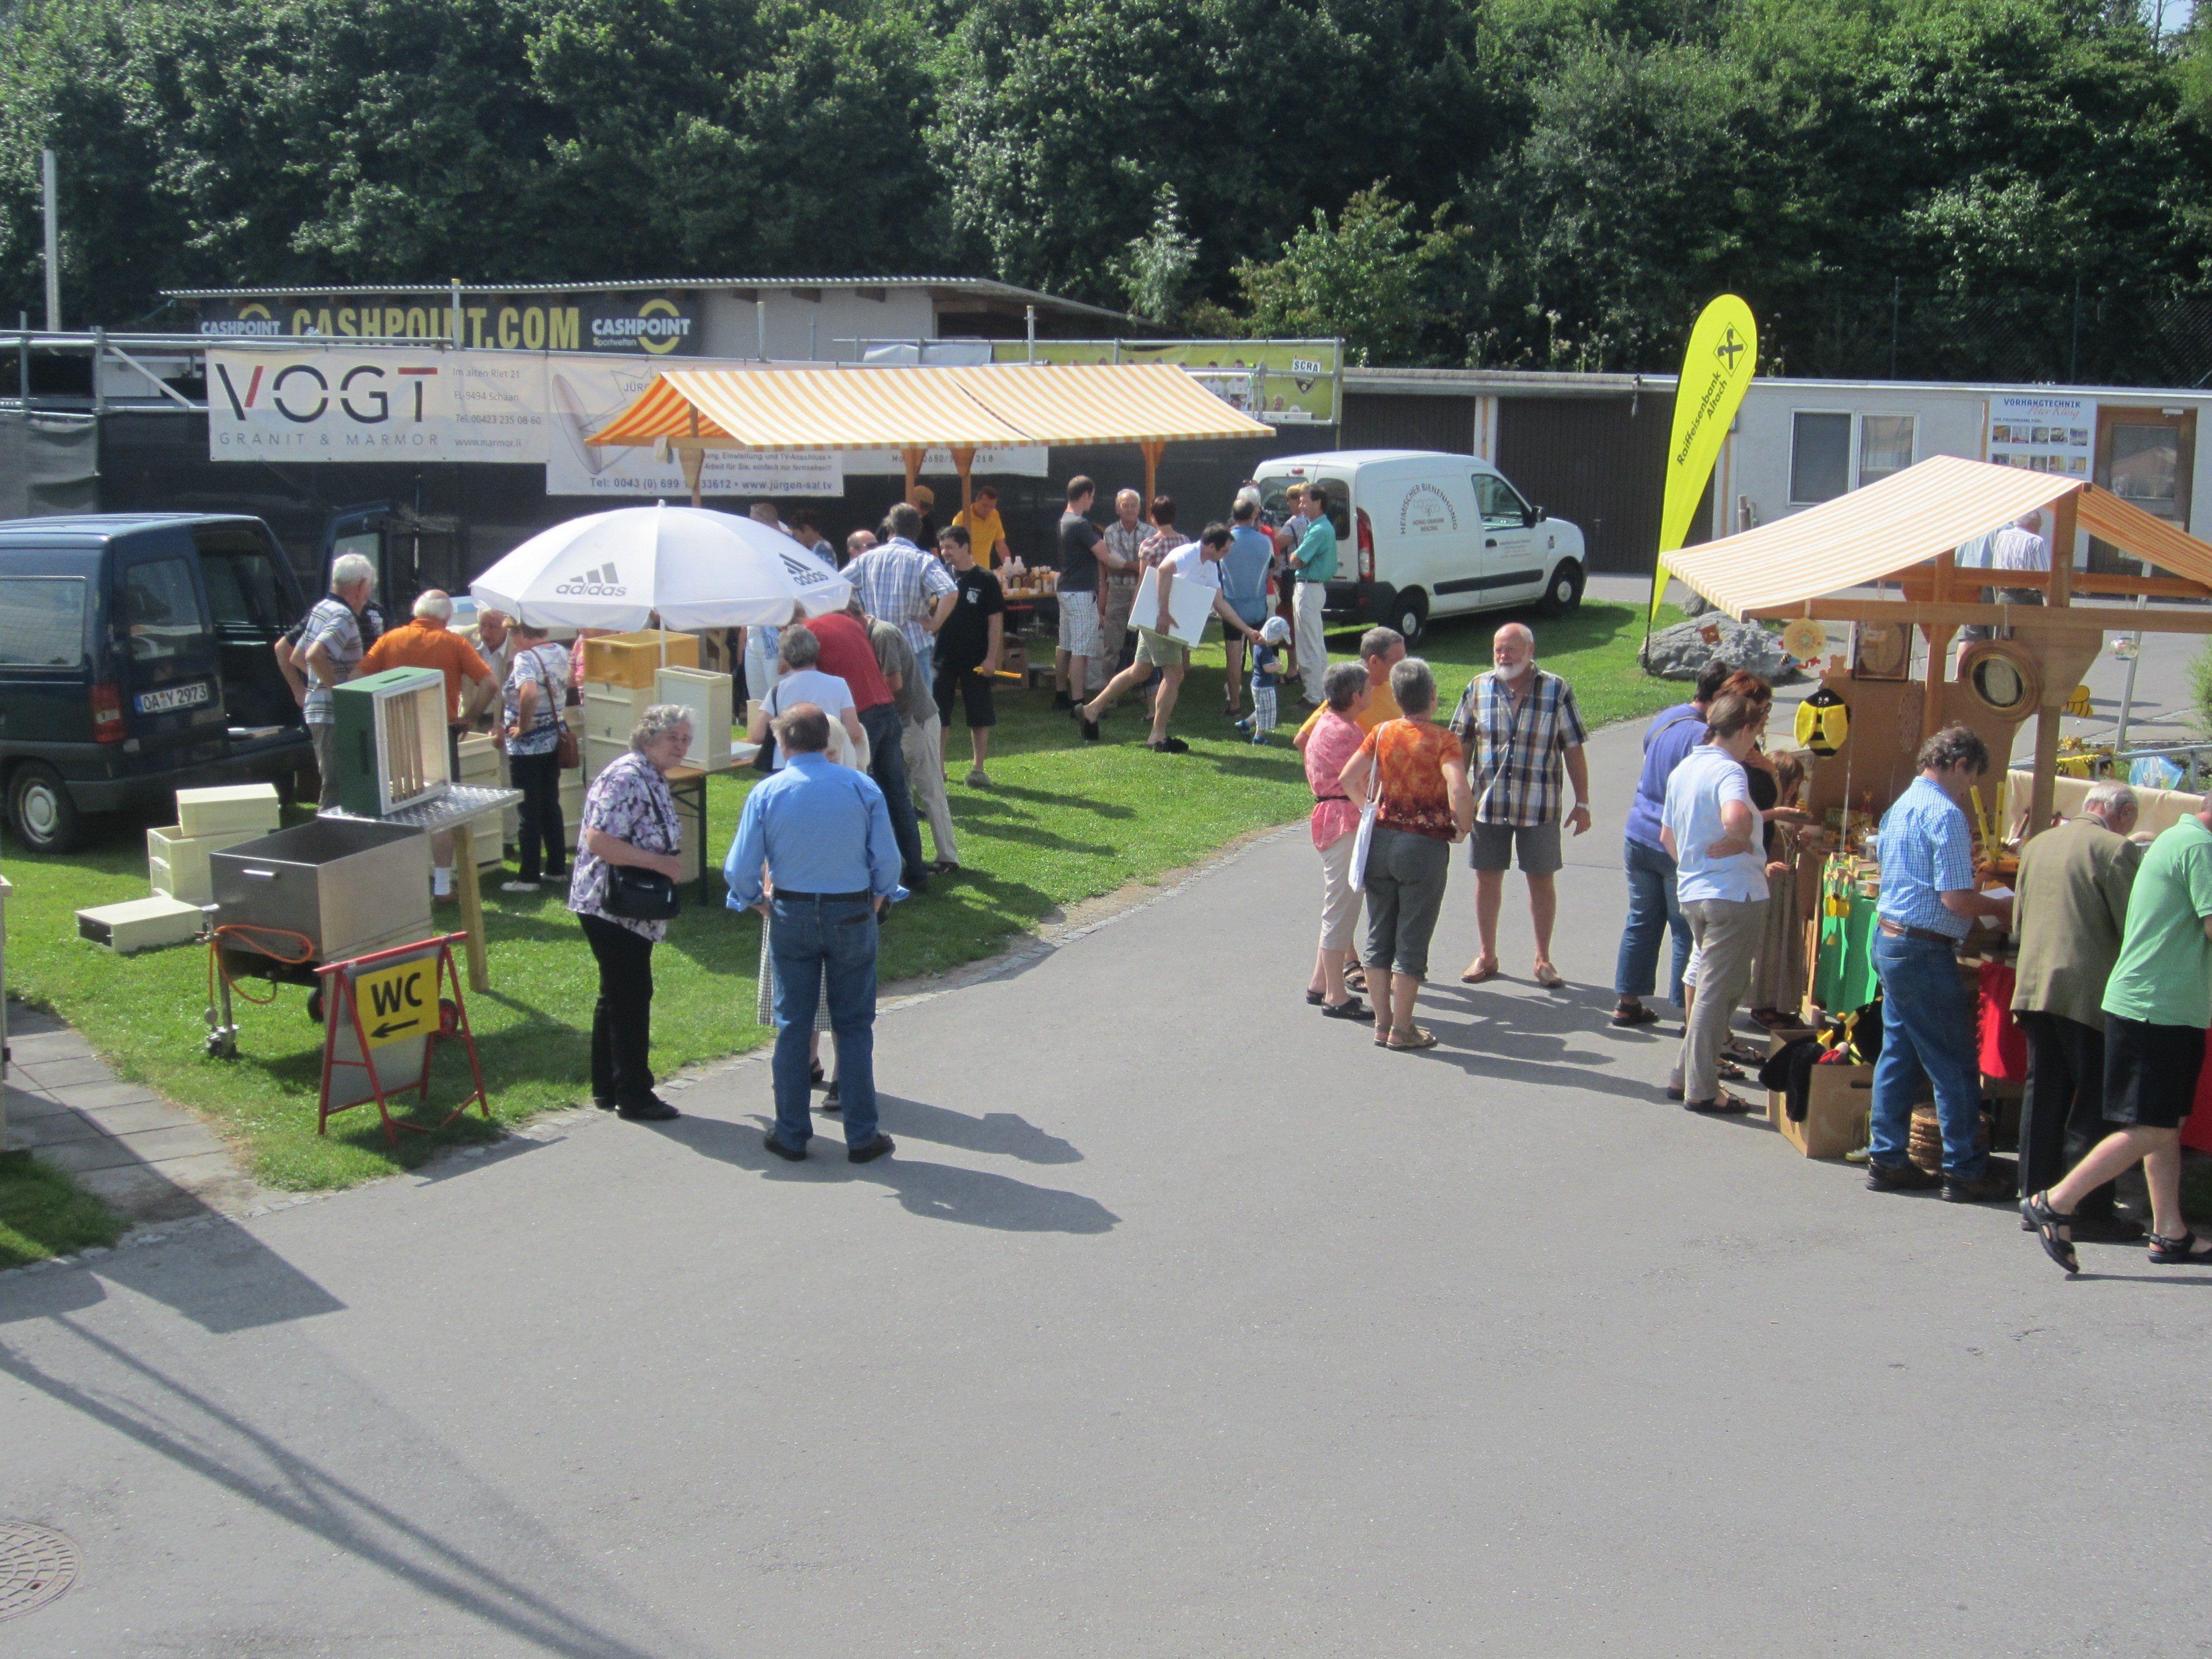 Am Sonntag sind die Bienenfreunde zum 27. Vorarlberger Bienenmarkt in Altach eingeladen